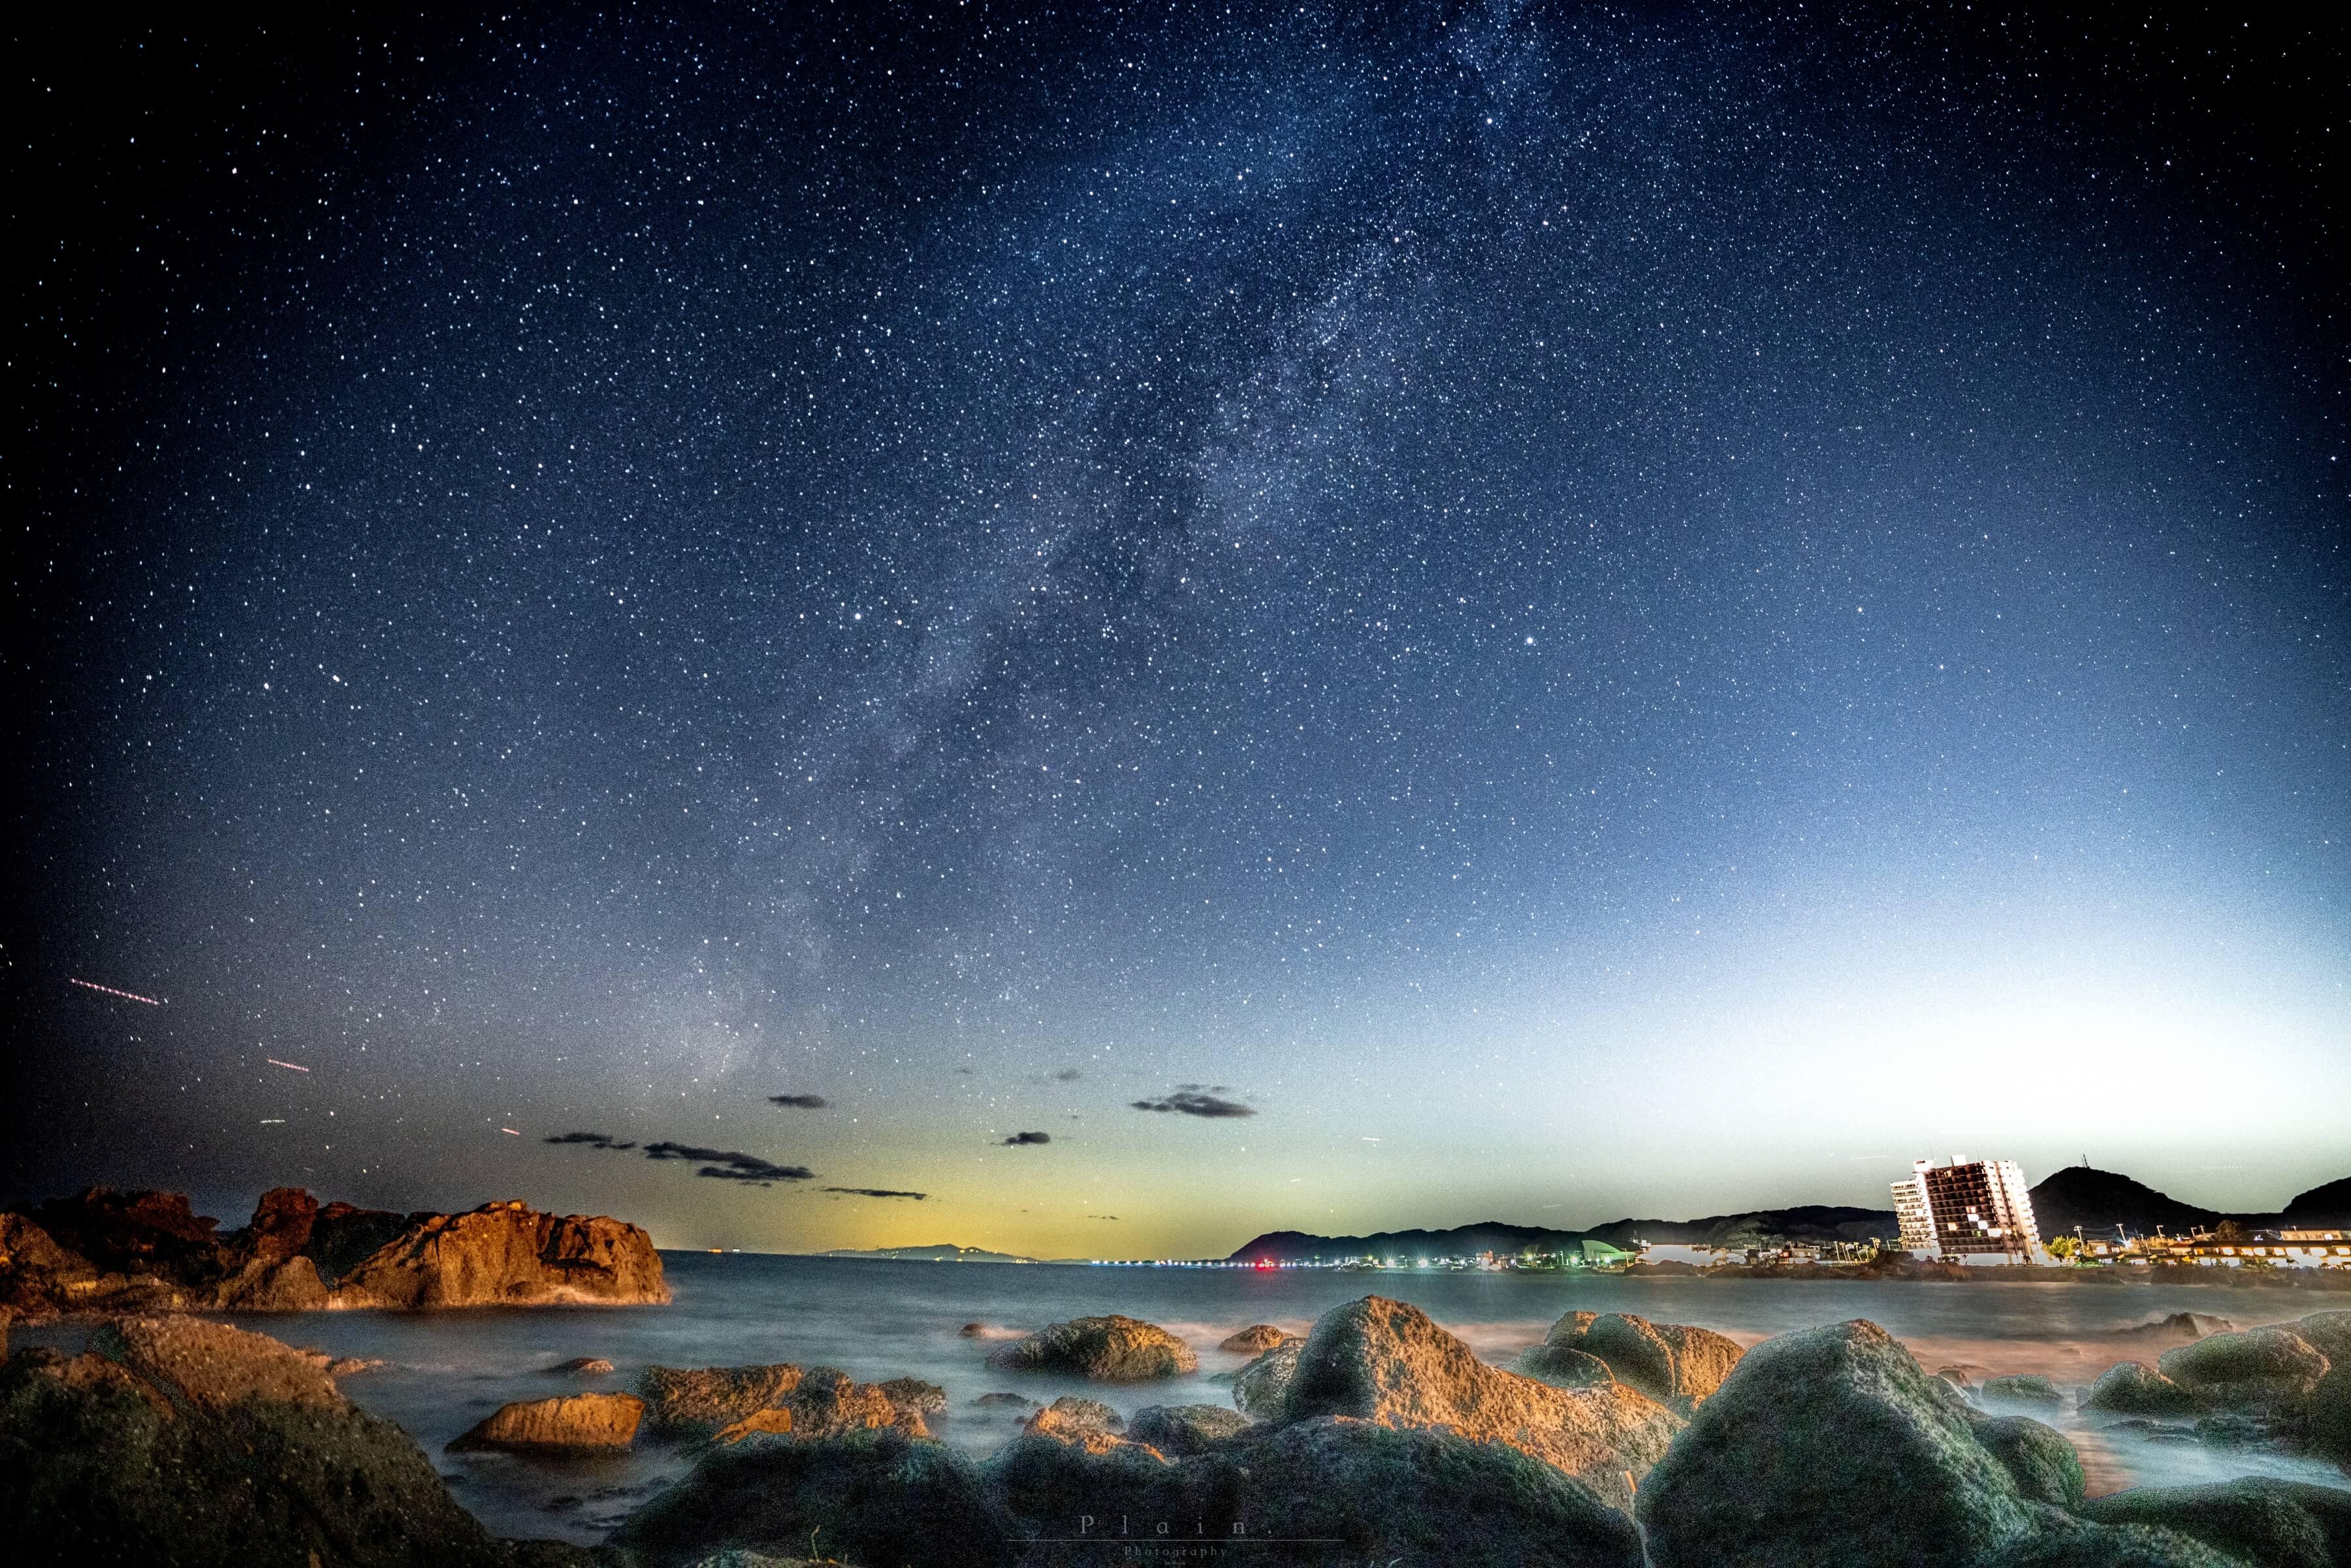 FUJIFILMのミラーレスで天の川・星空が撮りたい時の超広角レンズまとめ【Xマウント】